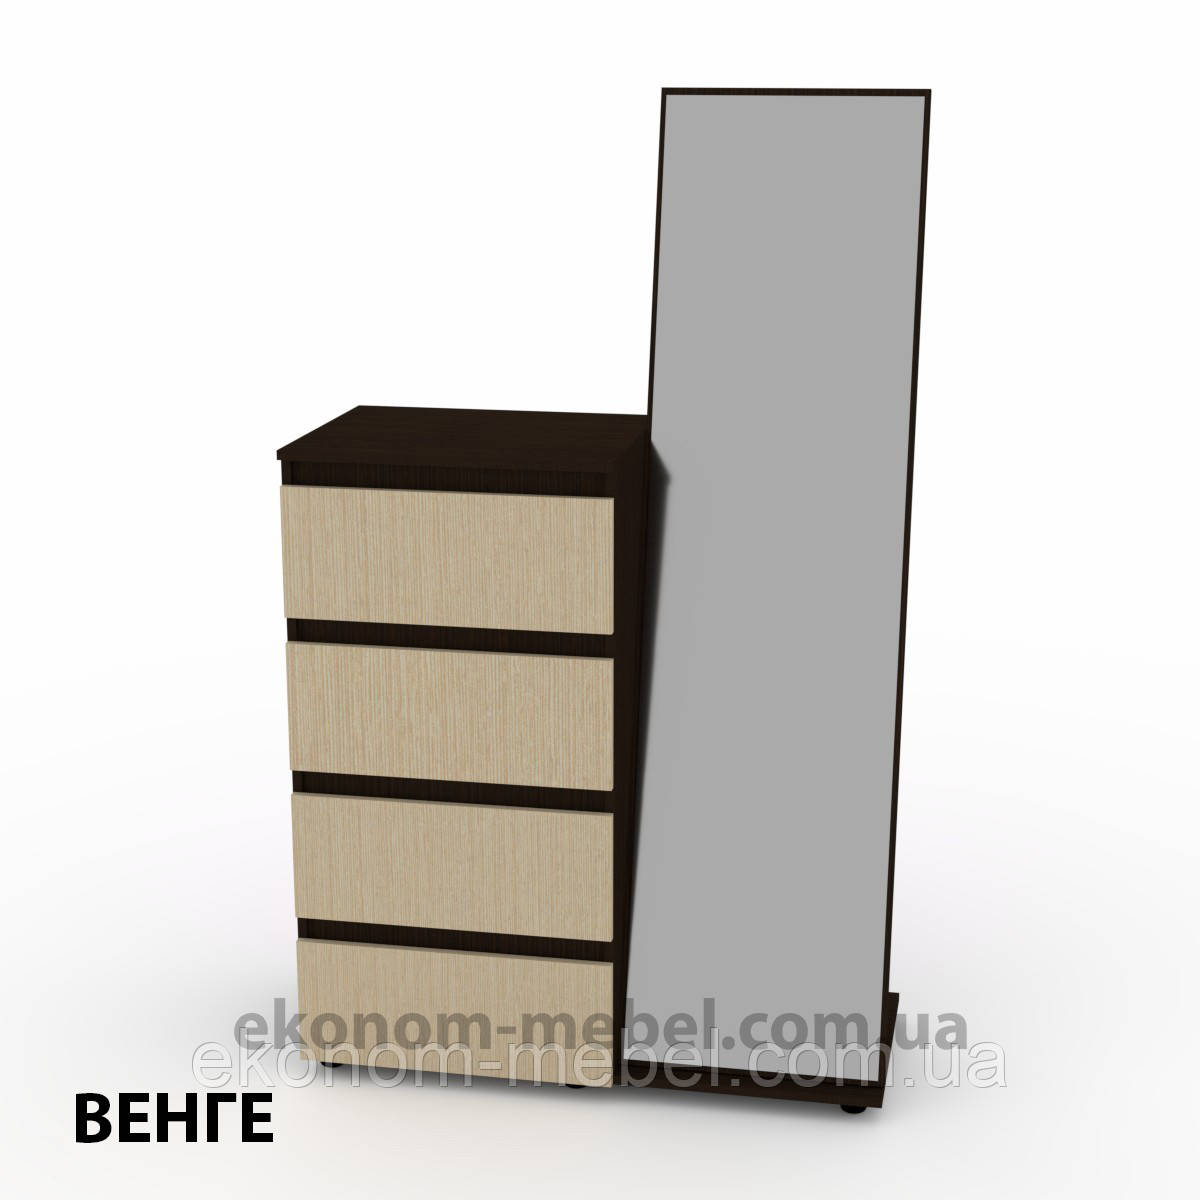 Комод-Зеркало на 4 ящика для спальни, ДСП